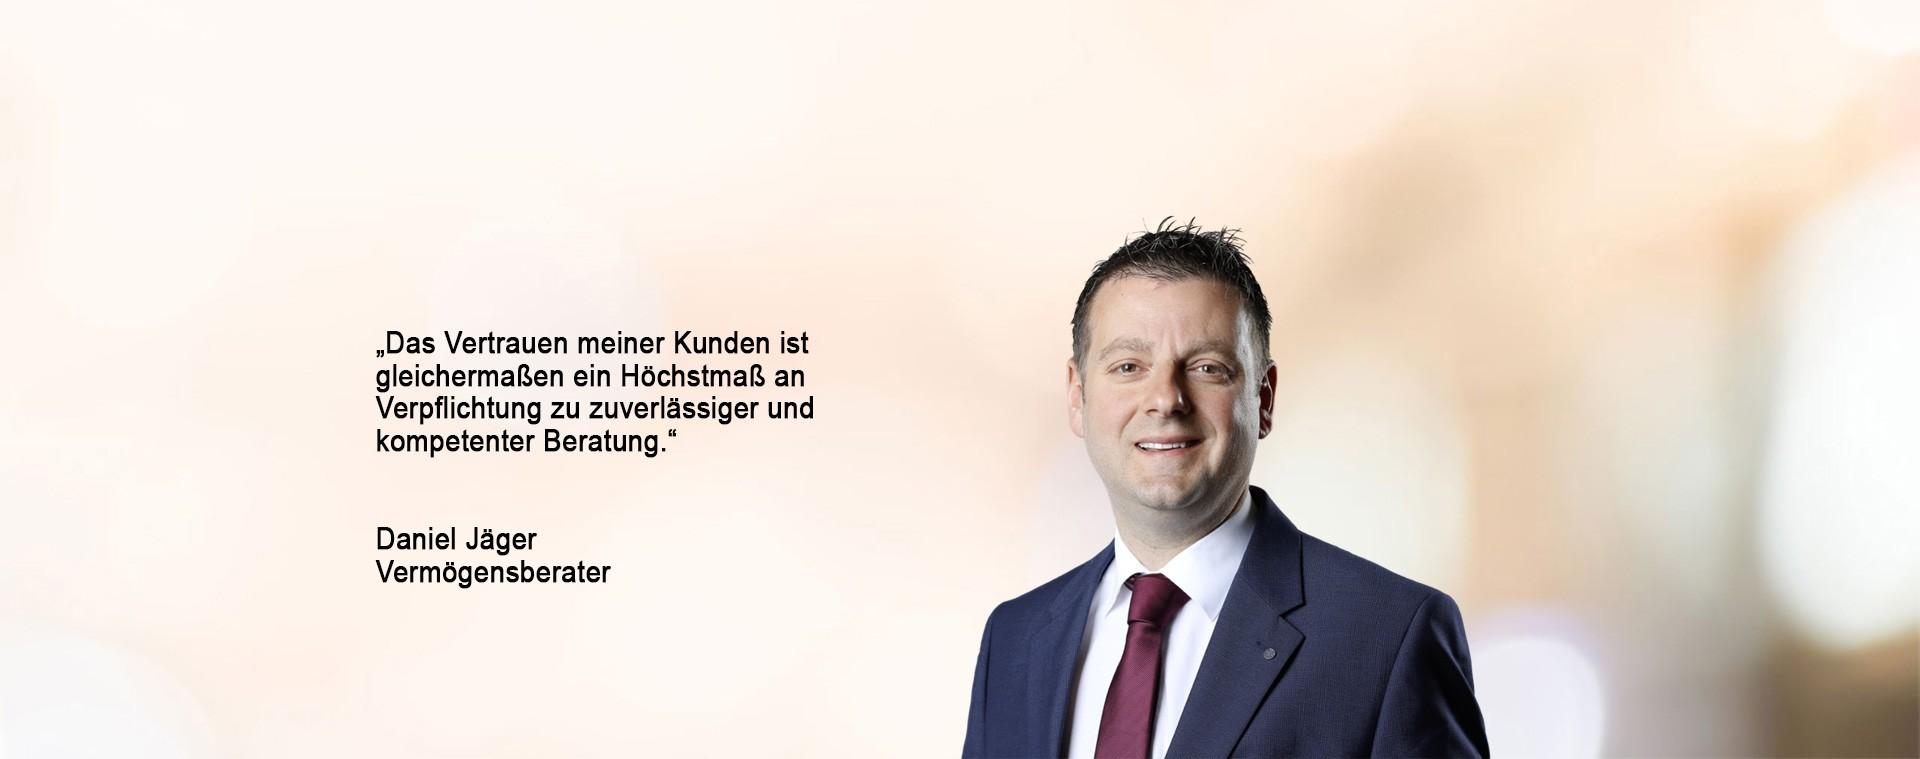 Daniel Jäger - Vermögensberater